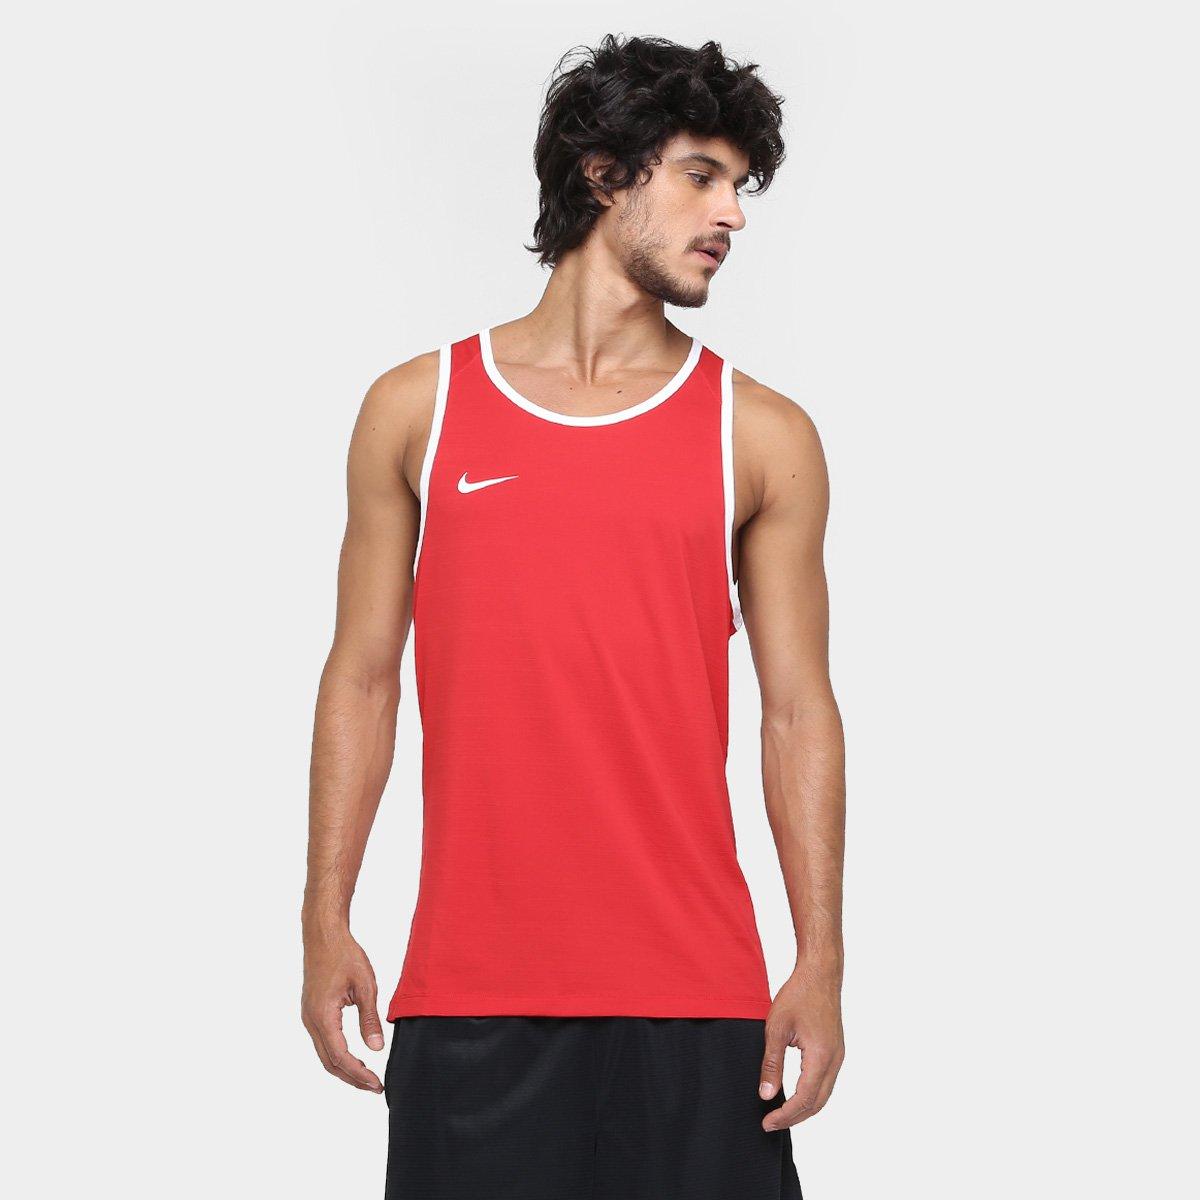 Camiseta Regata Nike SL Crossover - Vermelho - Compre Agora  58ae91c3f43